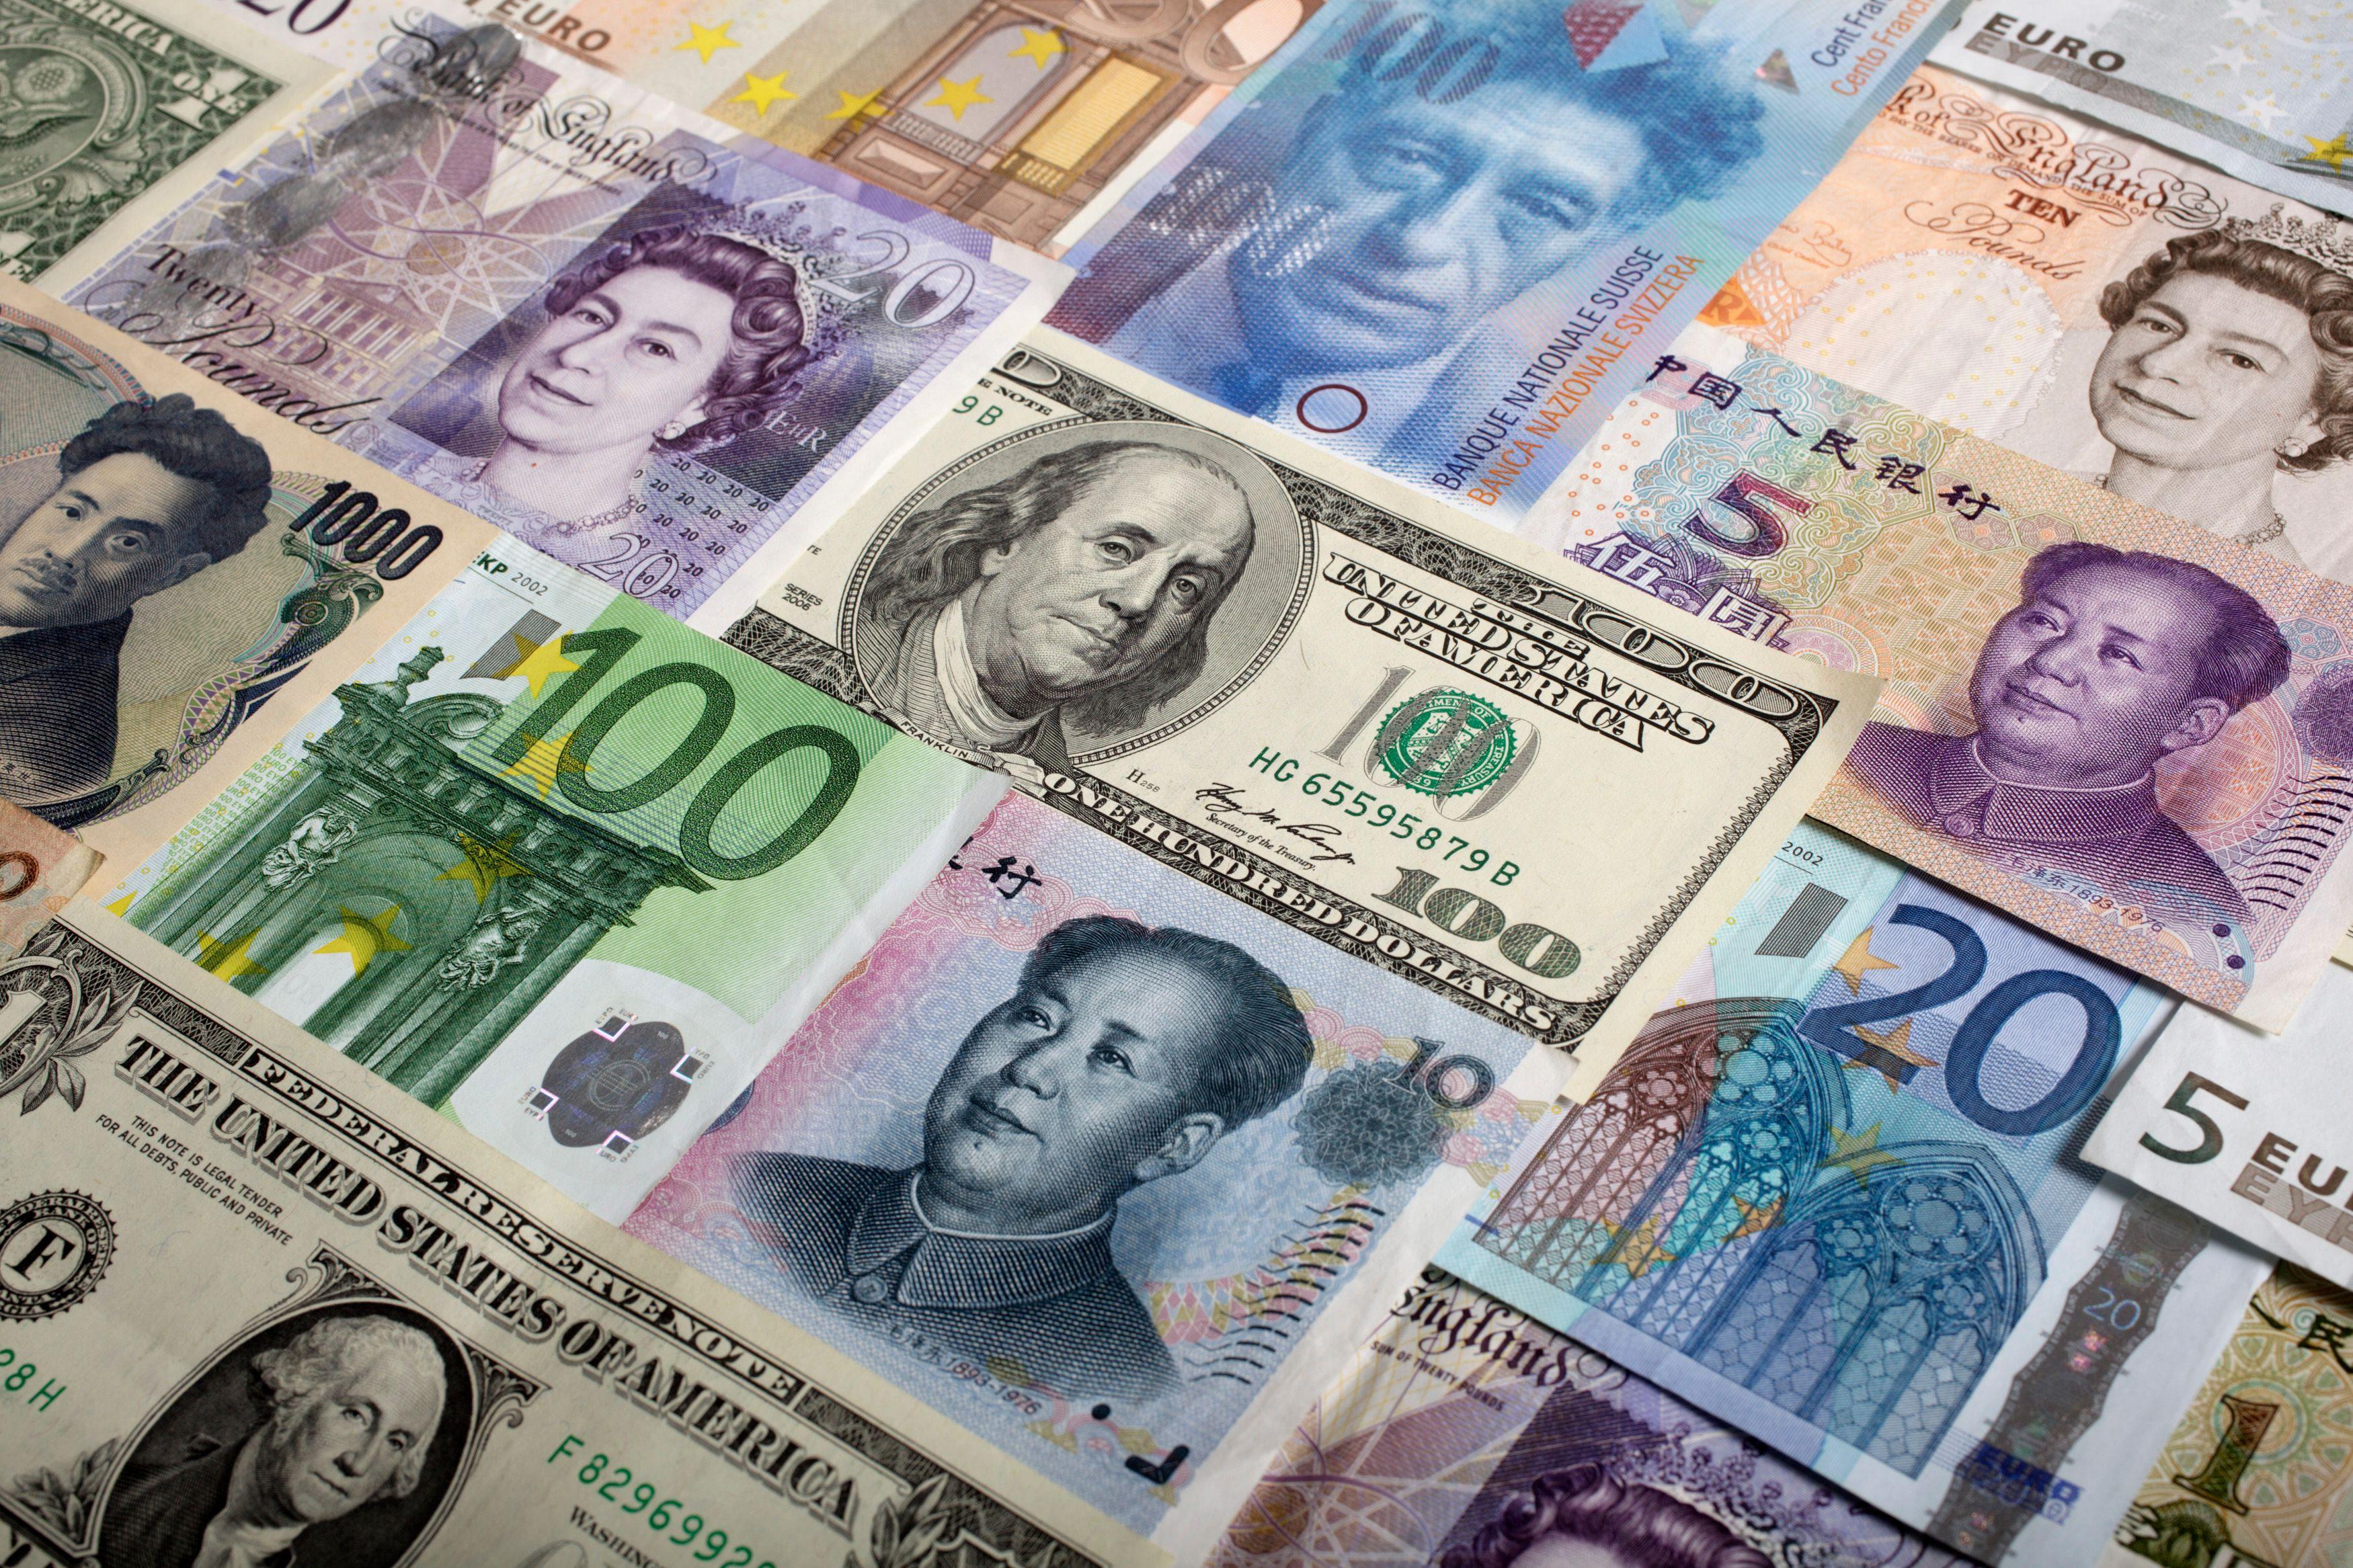 Manipulation des changes : le dernier scandale en date qui vient affaiblir les prétentions à la vertu des banques